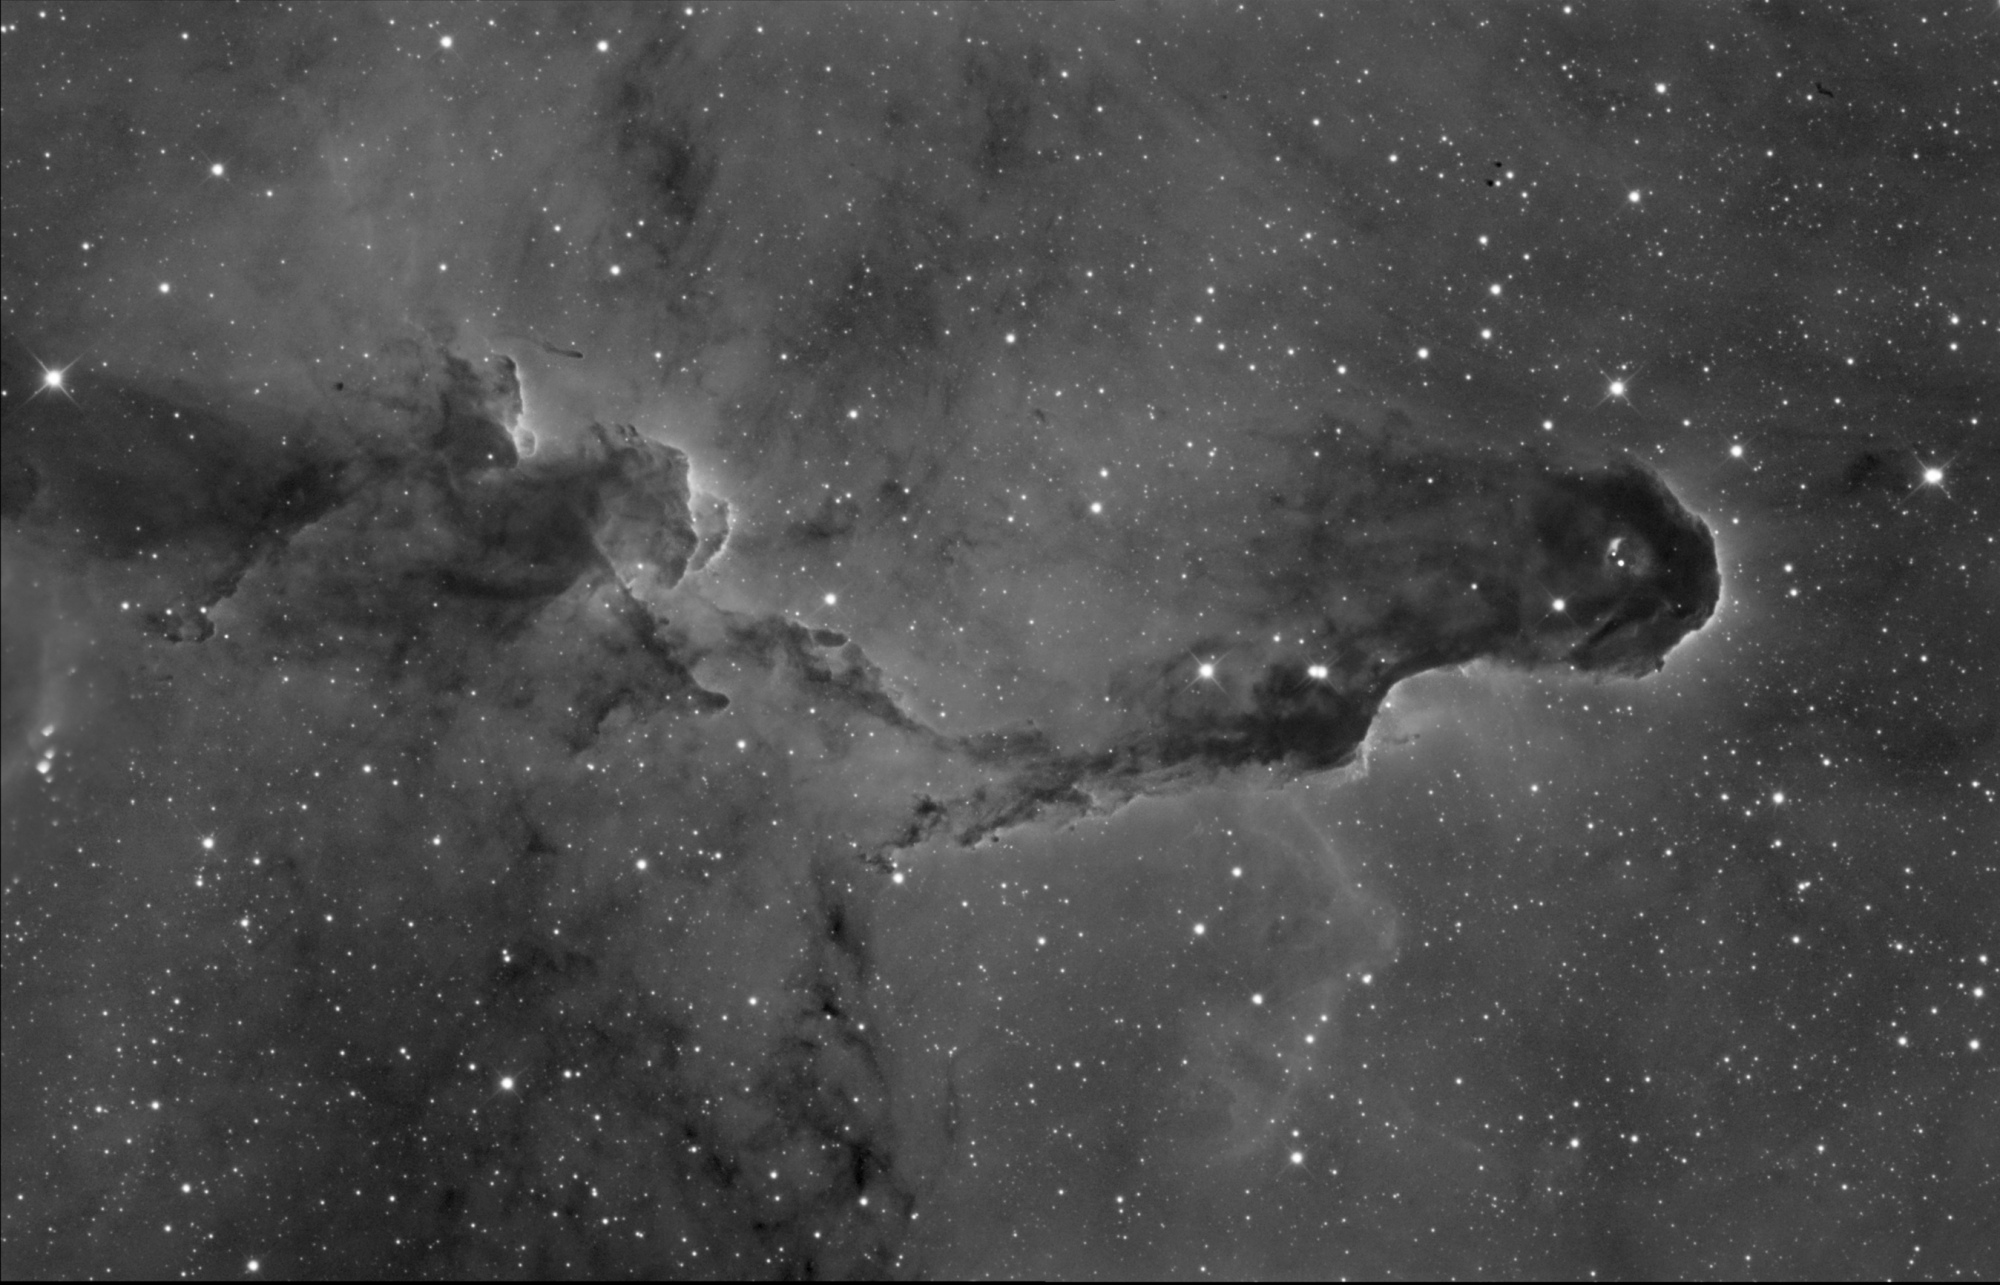 Newthom-bexant-SRGB-finale-Halpha.thumb.jpg.df634bb1113f776d0f7a189e26d22429.jpg